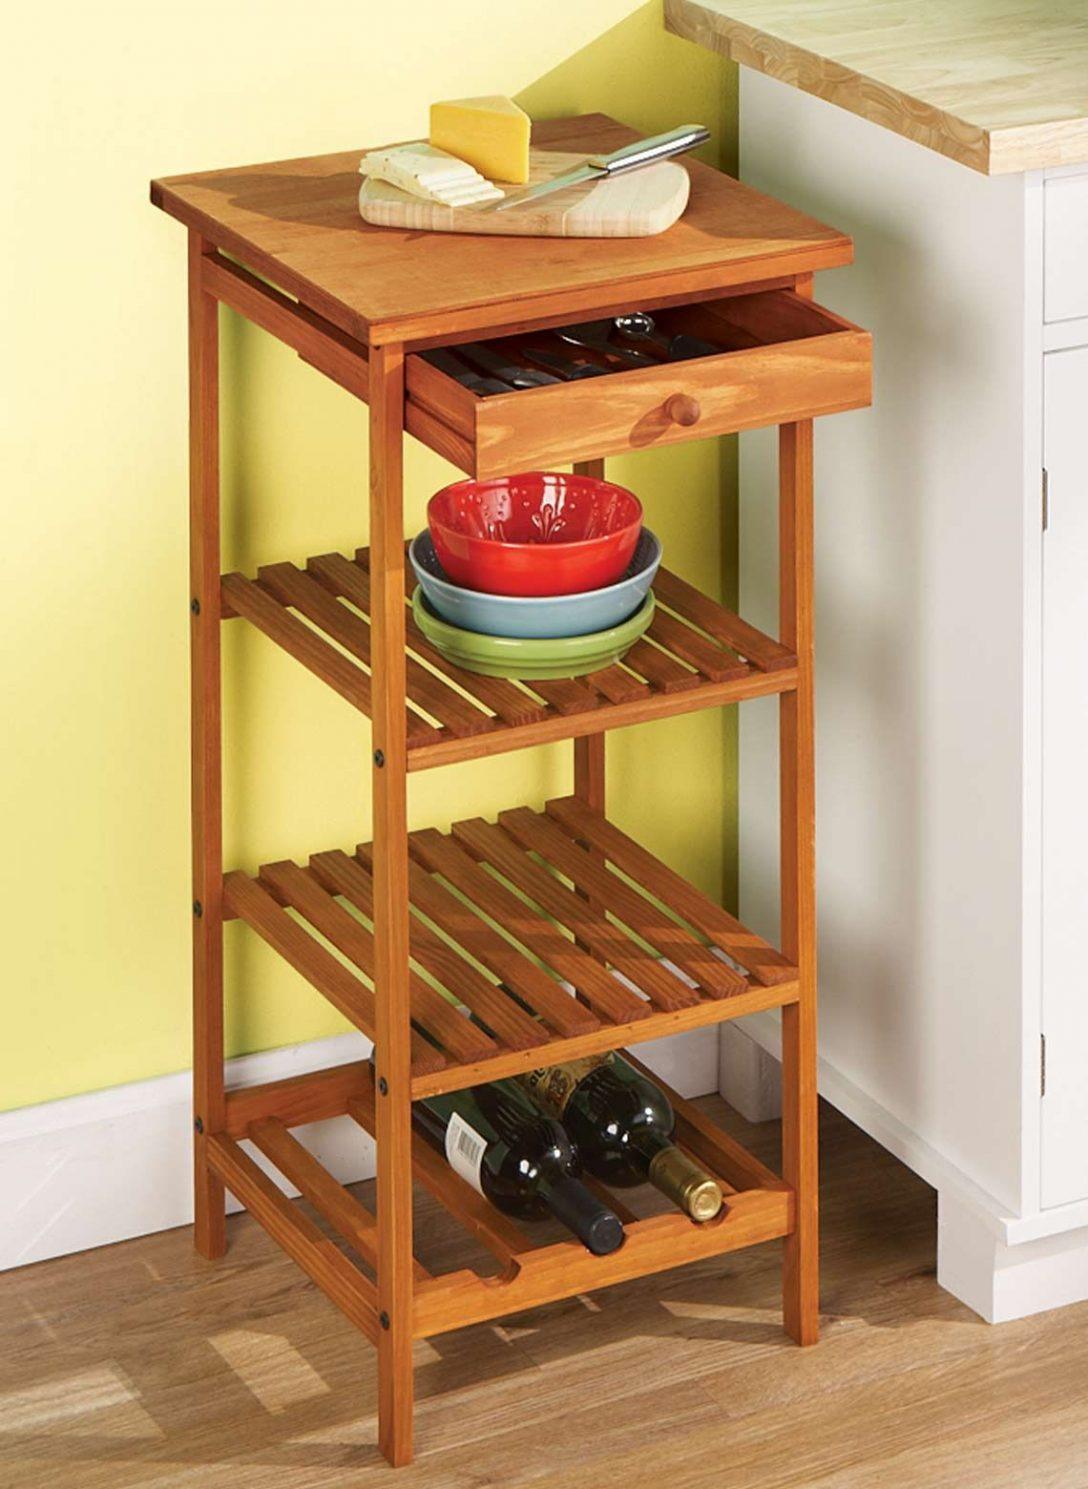 Large Size of Kche Beistelltisch Dies Ist Neueste Informationen Auf Küche Selber Planen Sitzbank Mit Lehne Billig Einzelschränke Landküche Modulküche Ikea Teppich Küche Beistelltisch Küche